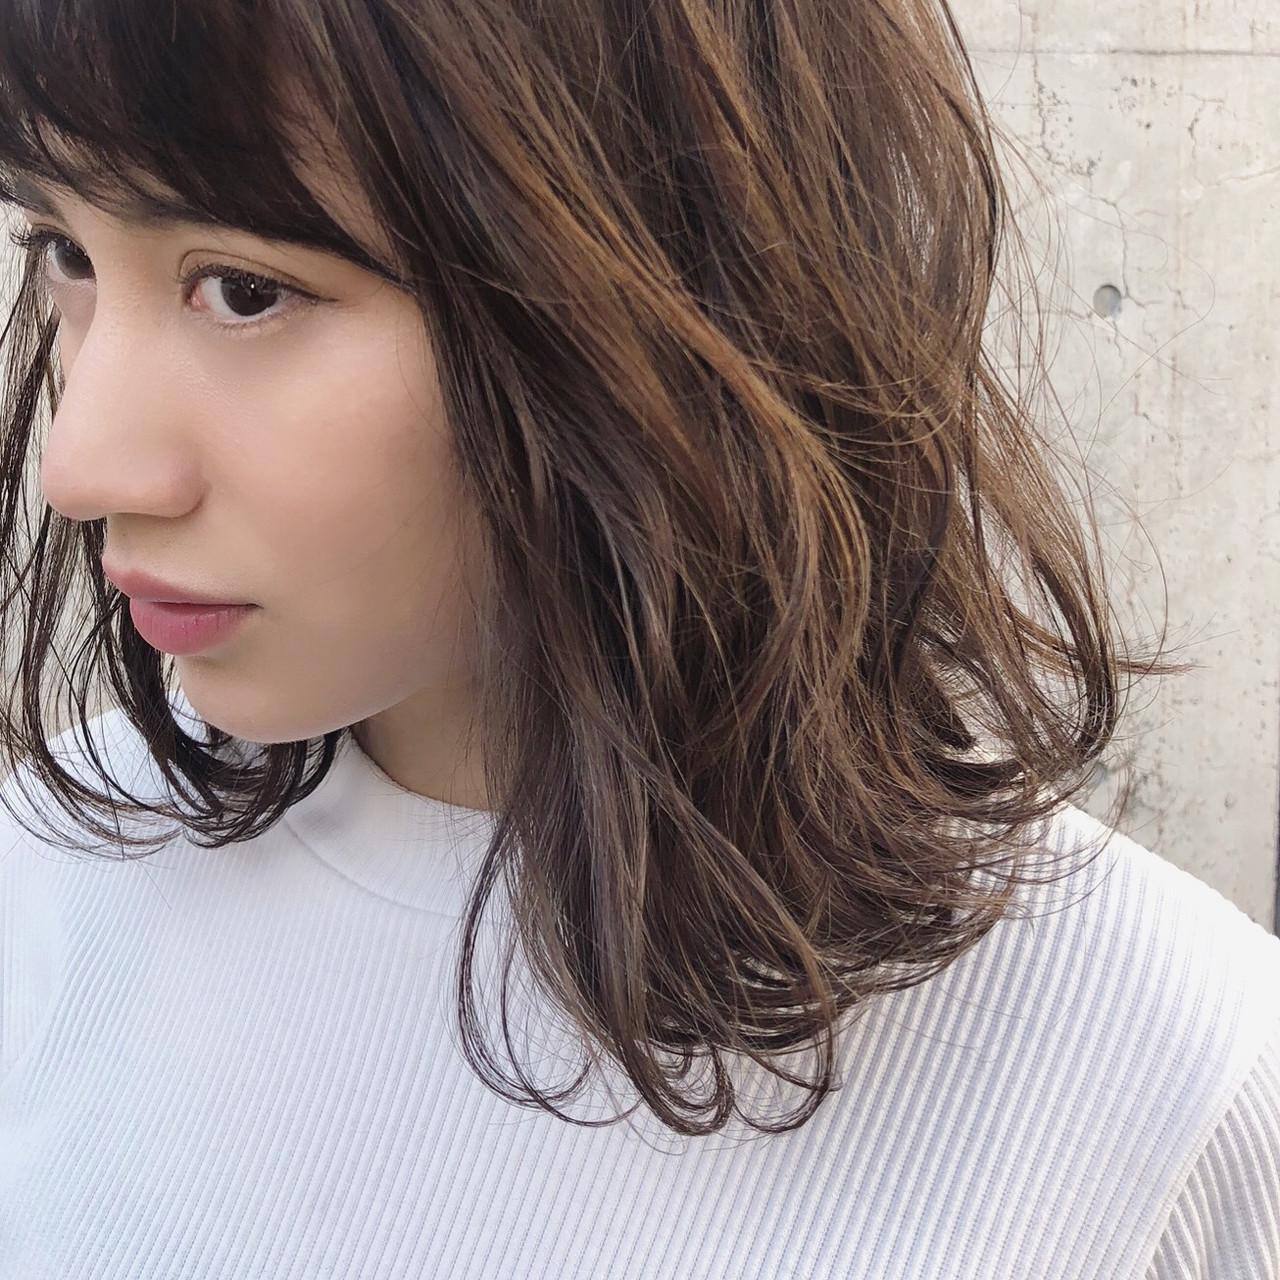 アンニュイほつれヘア パーマ デート ナチュラルヘアスタイルや髪型の写真・画像